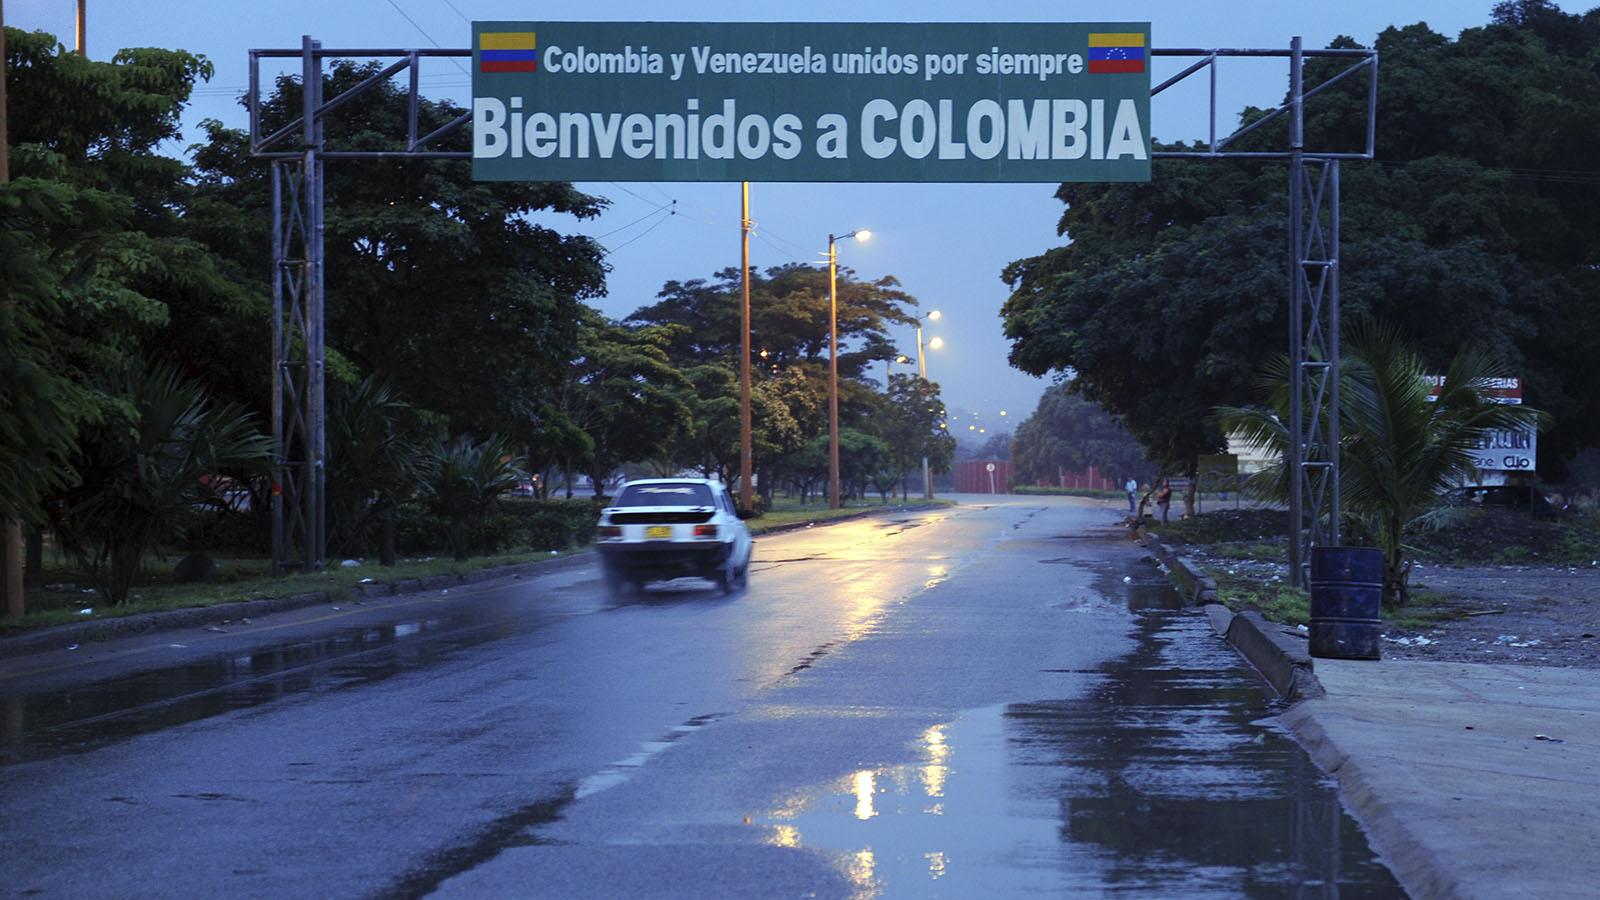 Colombia implementó nuevas medidas para recuperar espacios públicos tomados por venezolanos